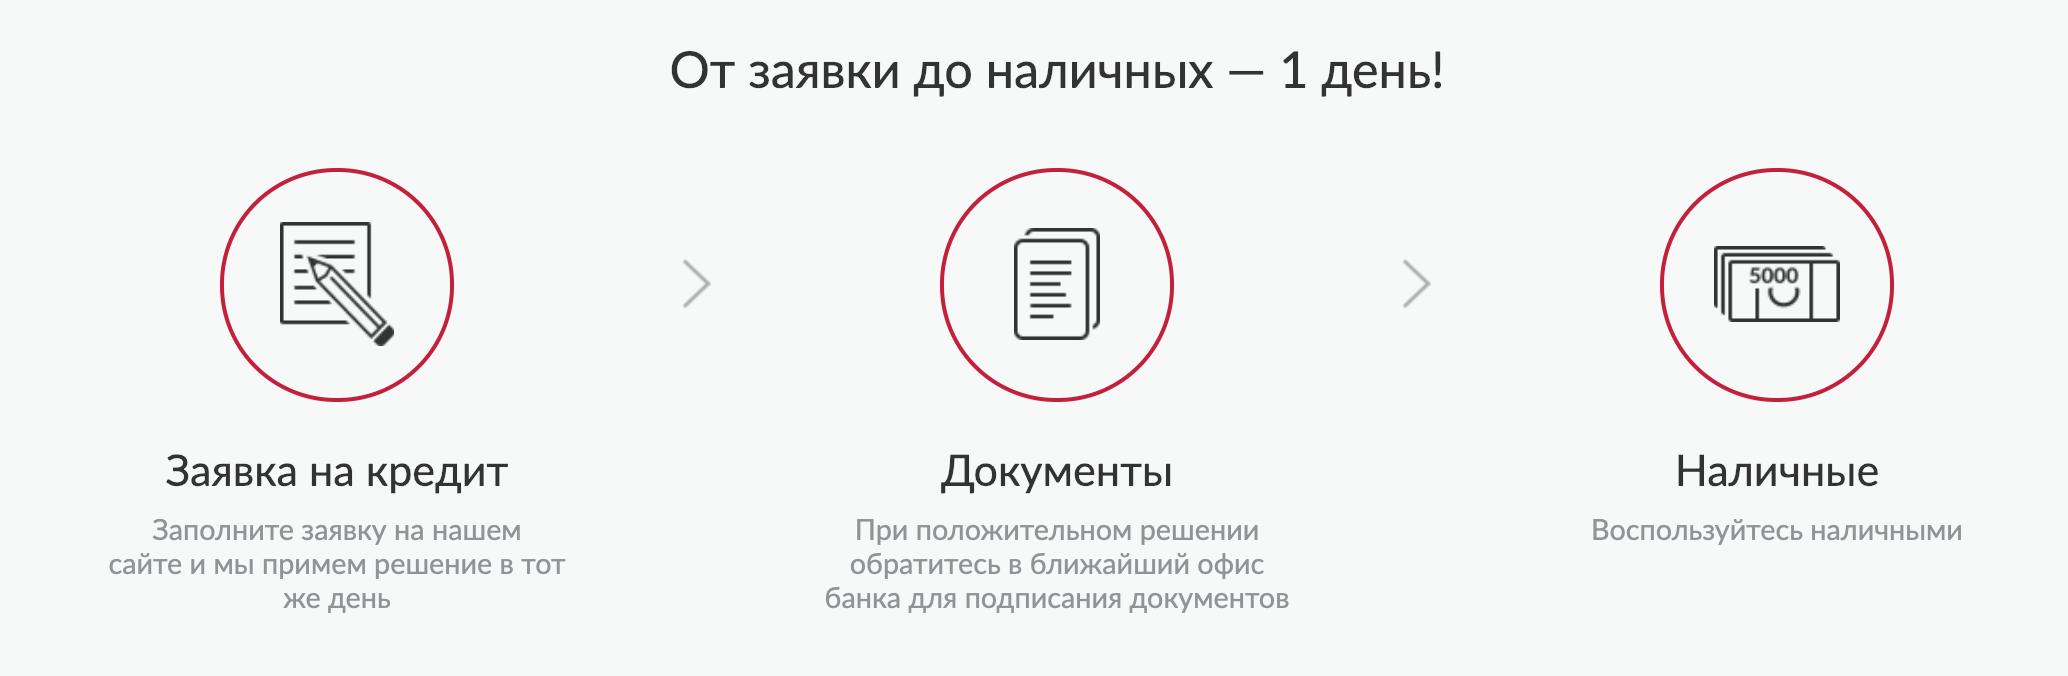 как узнать решение банка по кредиту русский стандарт по коду карта москвы и московской области со станциями метро и вокзалами